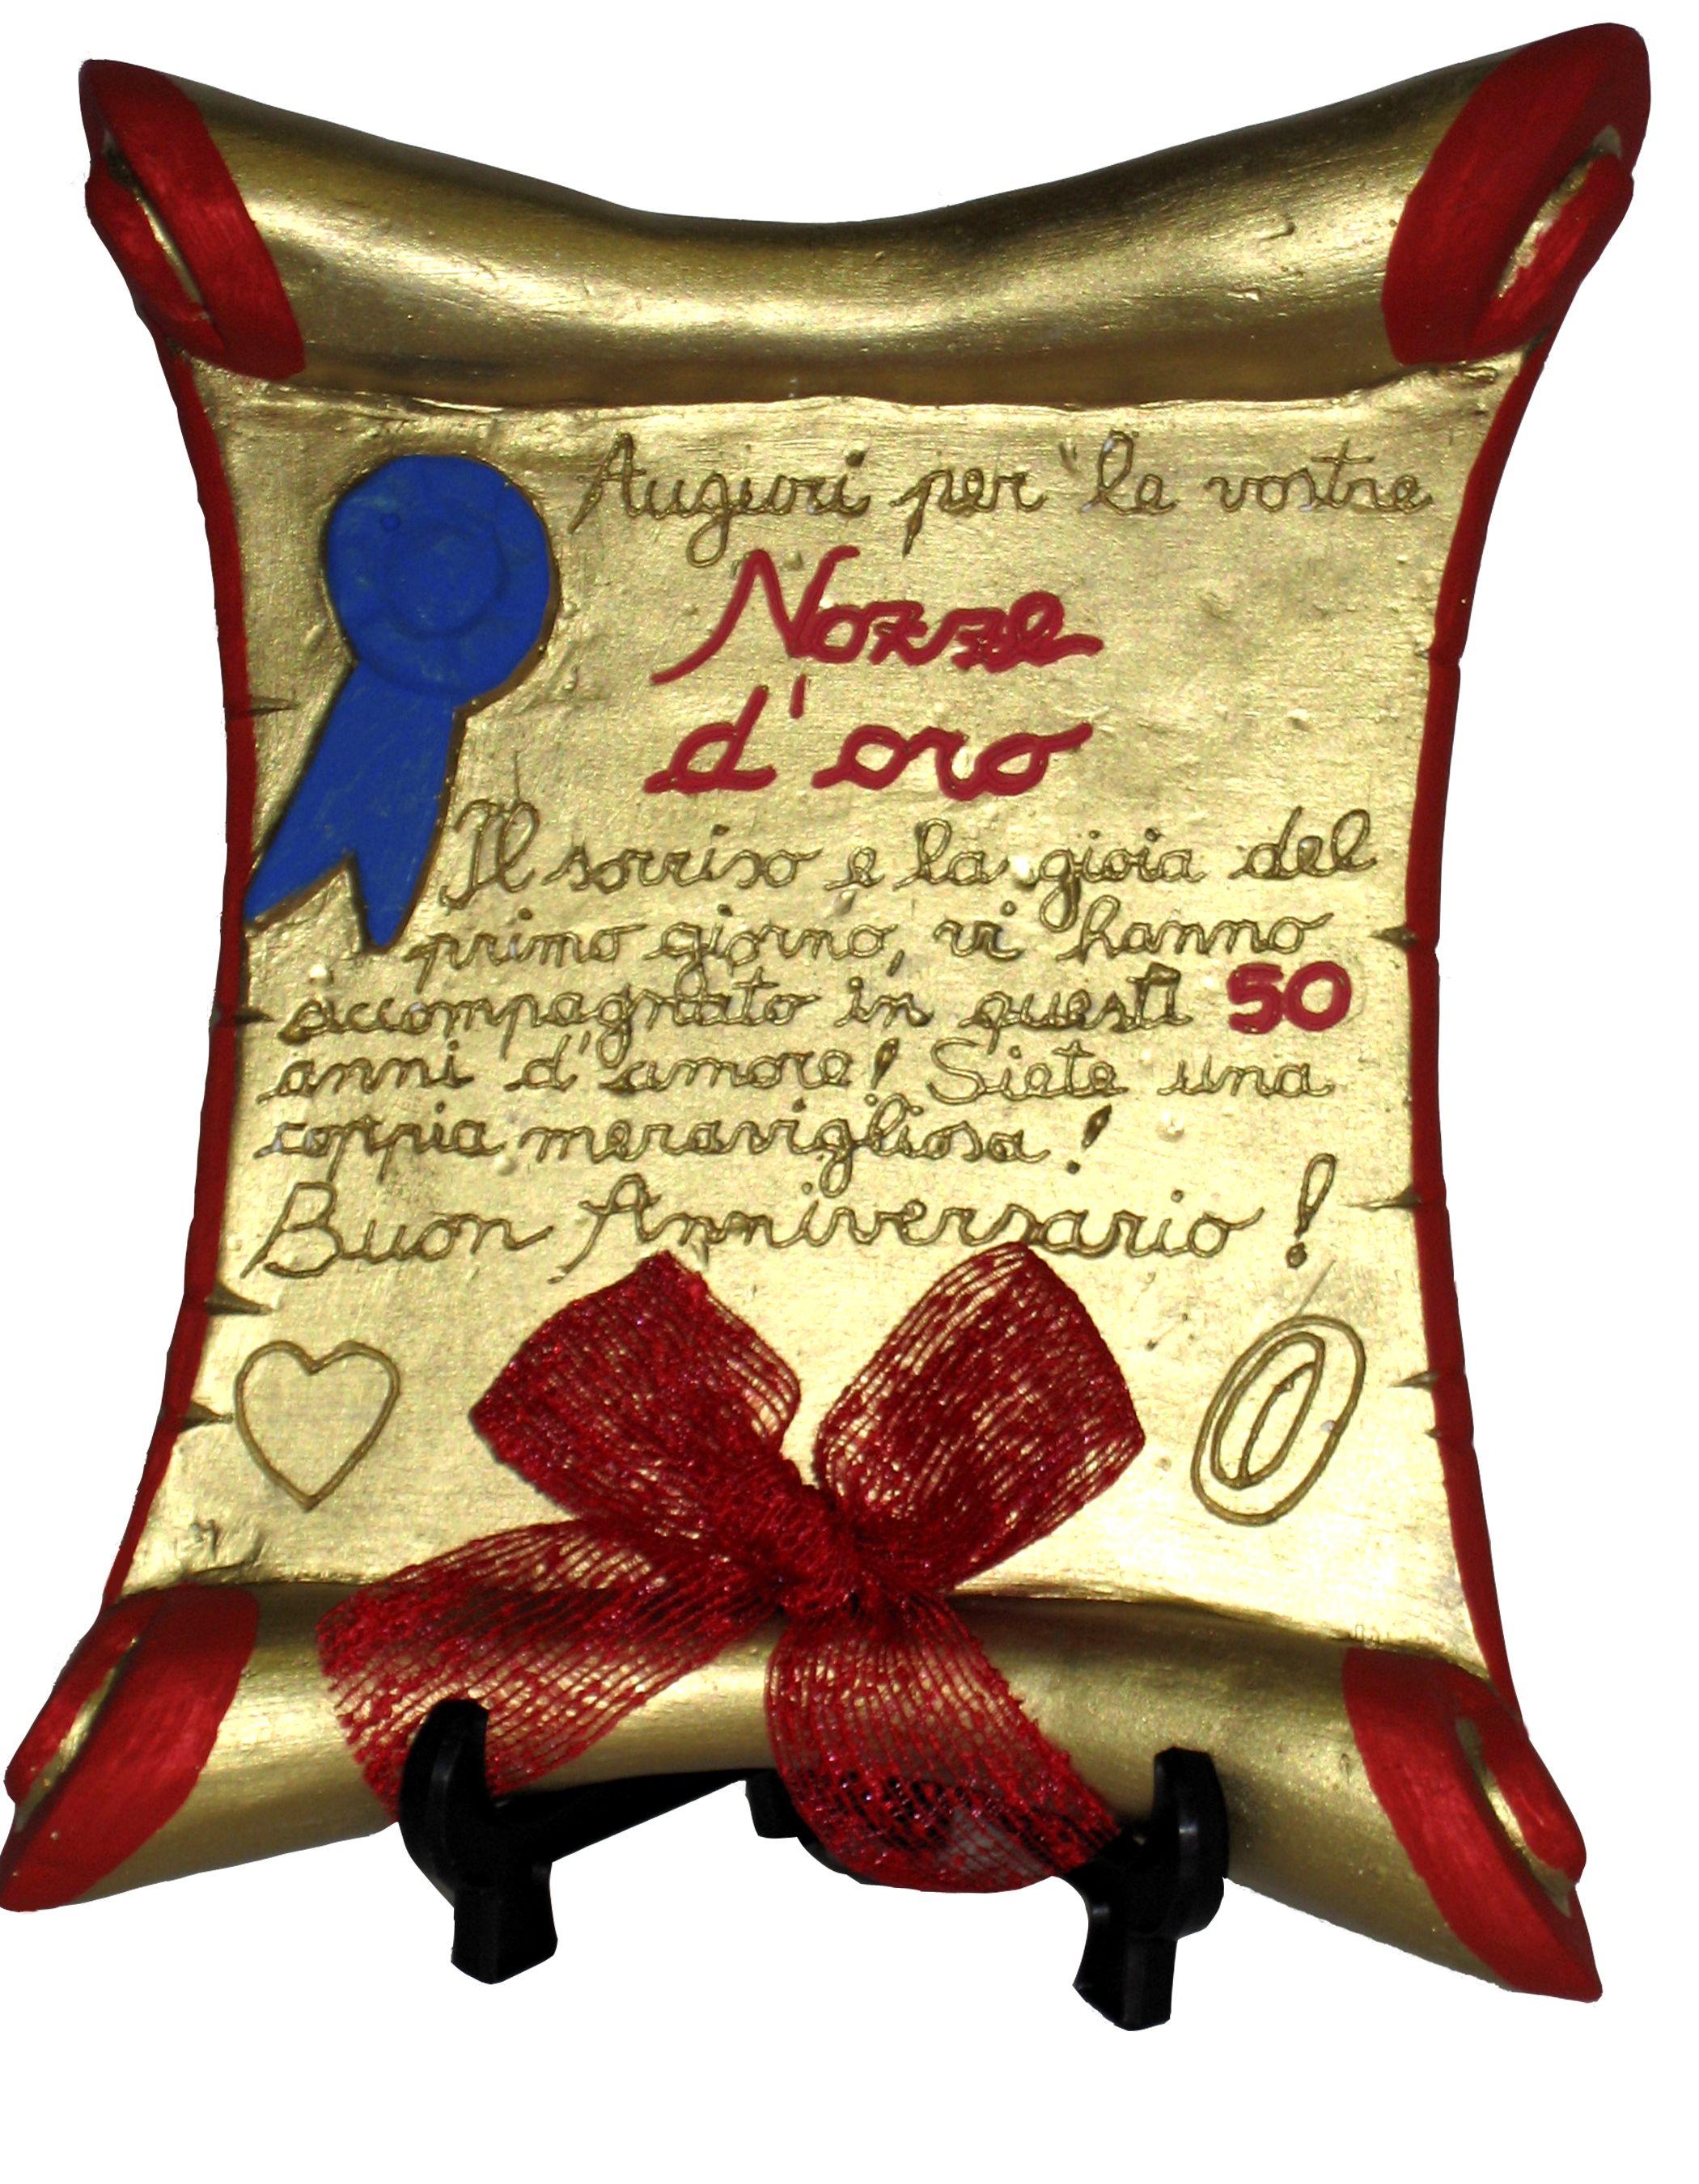 Anniversario Matrimonio 55 Anni Regalo.Pergamena Resina Anniversario Nozze D Oro Prodotti E Articoli